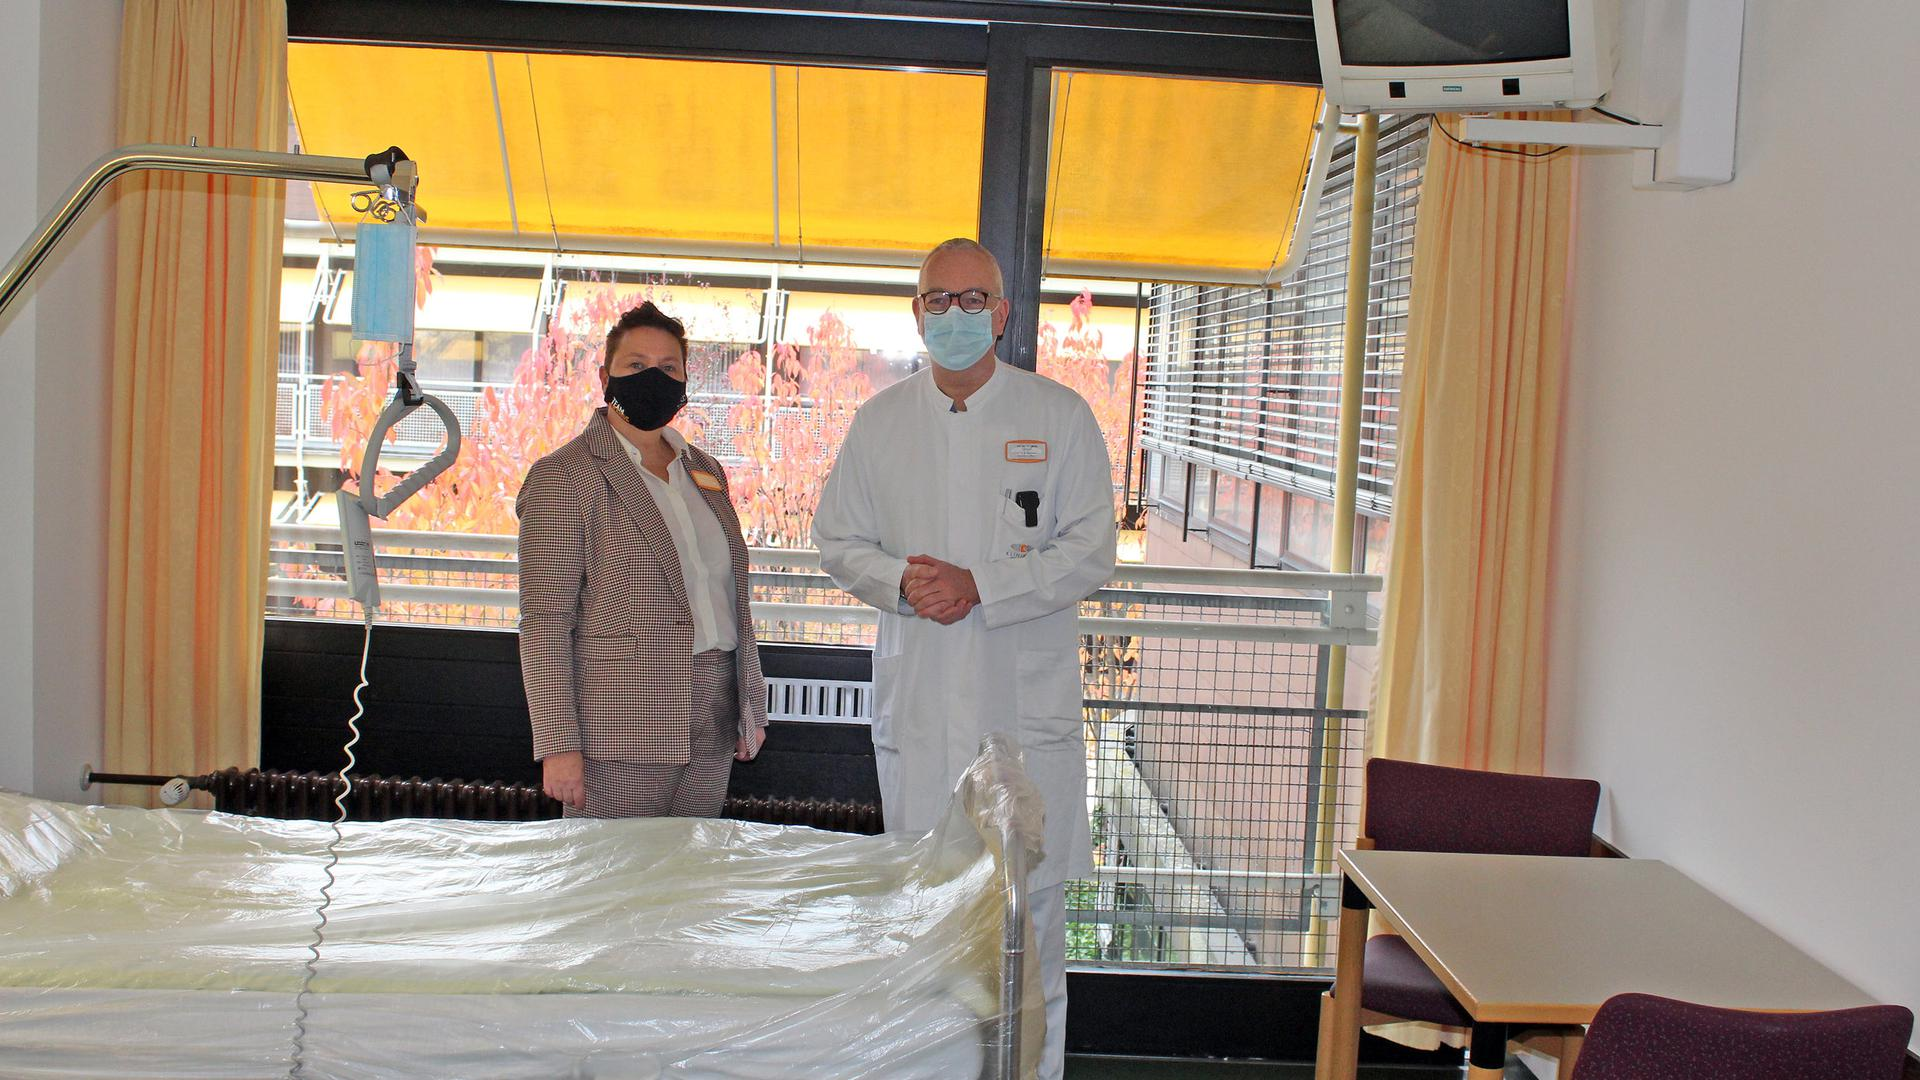 Zwei Menschen in einem Krankenhauszimmer.